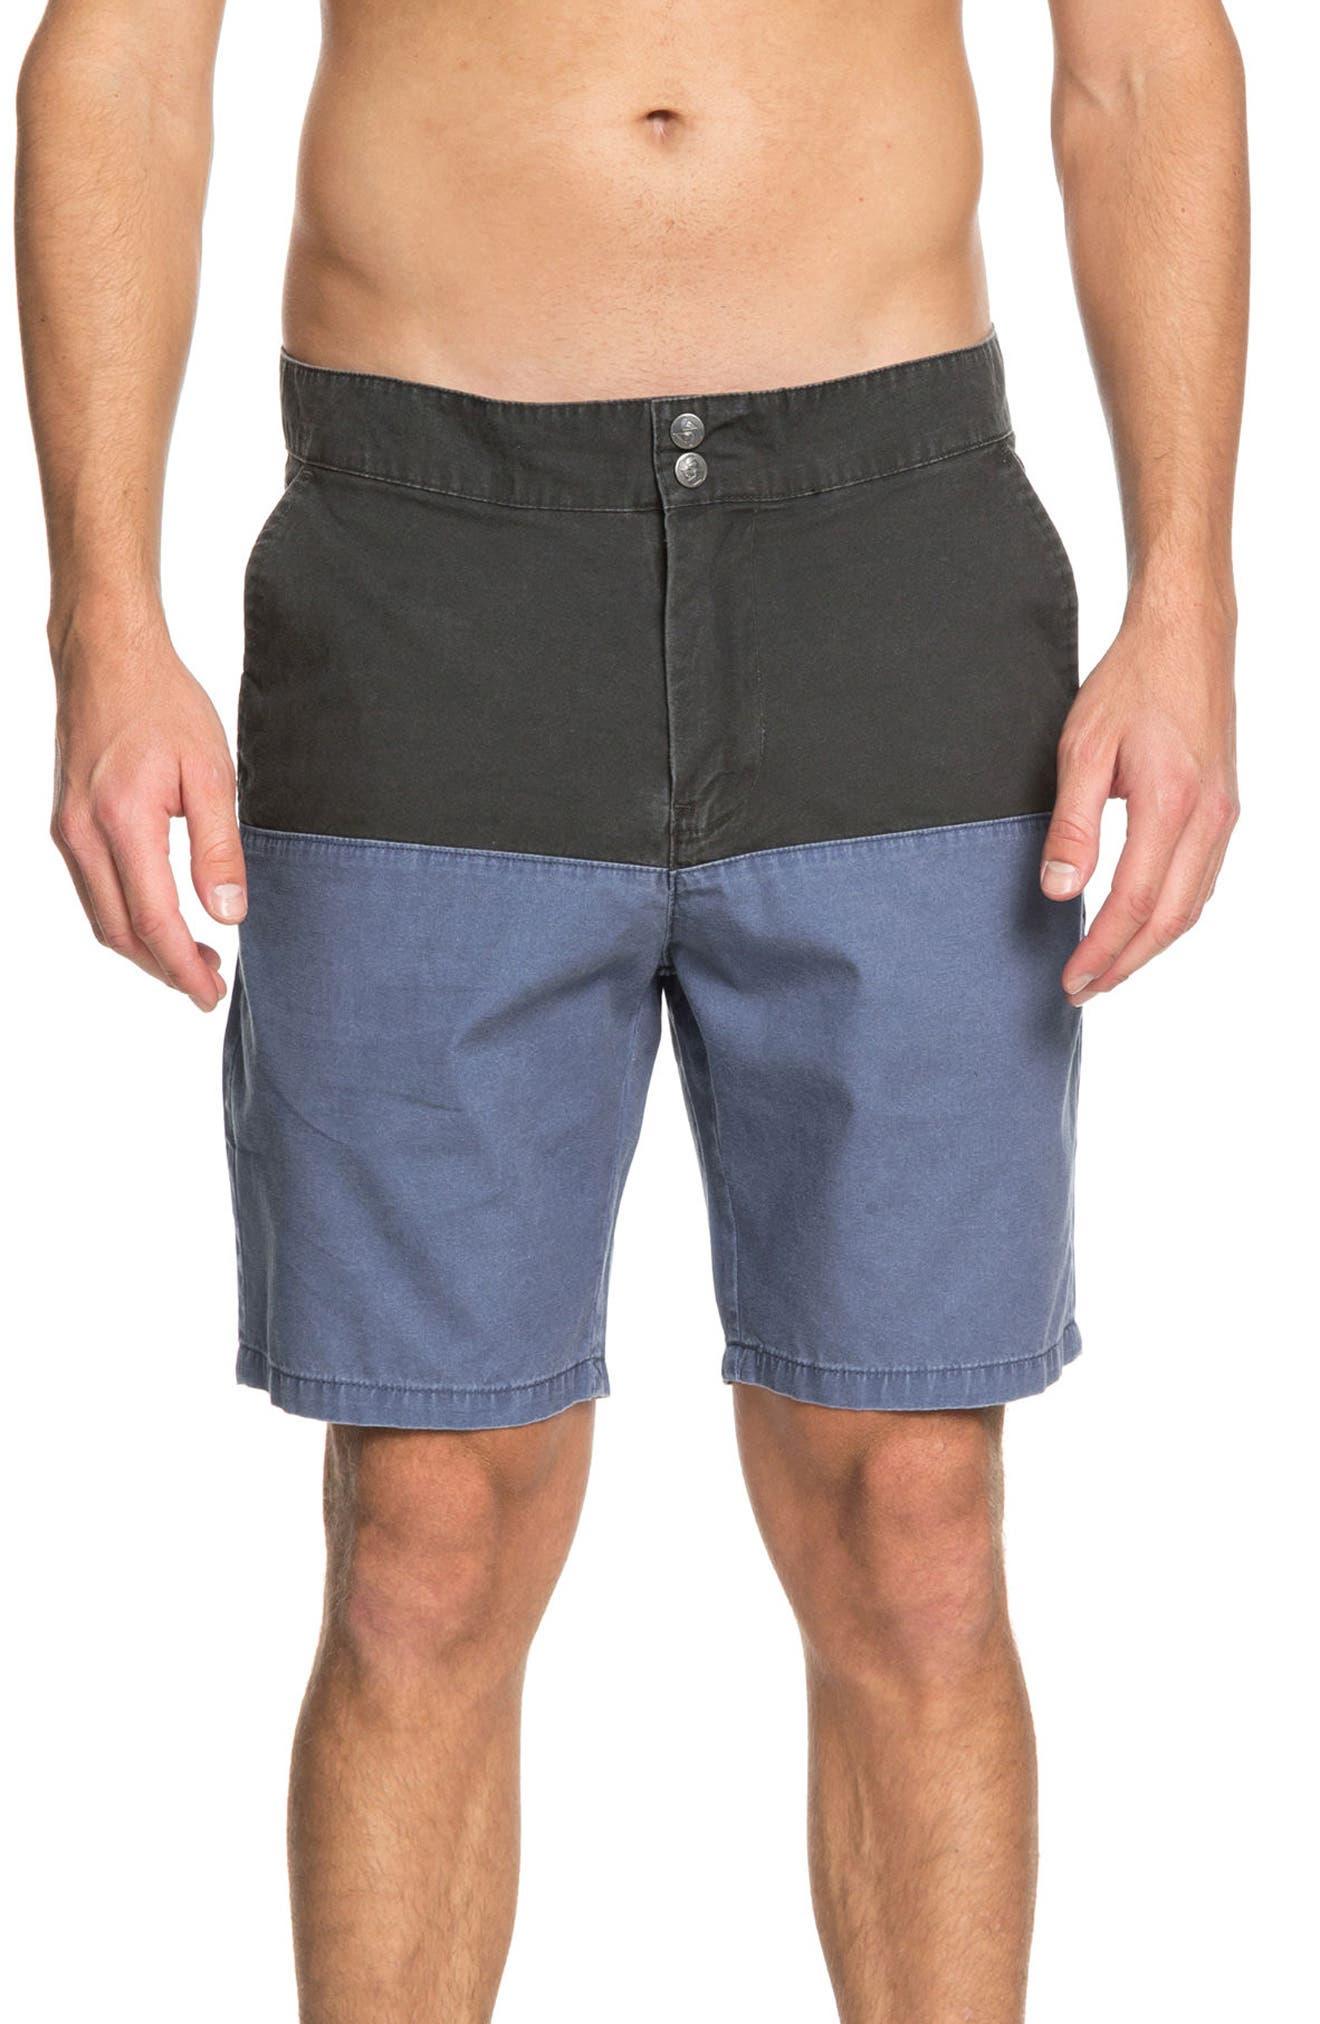 Mad Wax Block Shorts,                             Main thumbnail 1, color,                             005